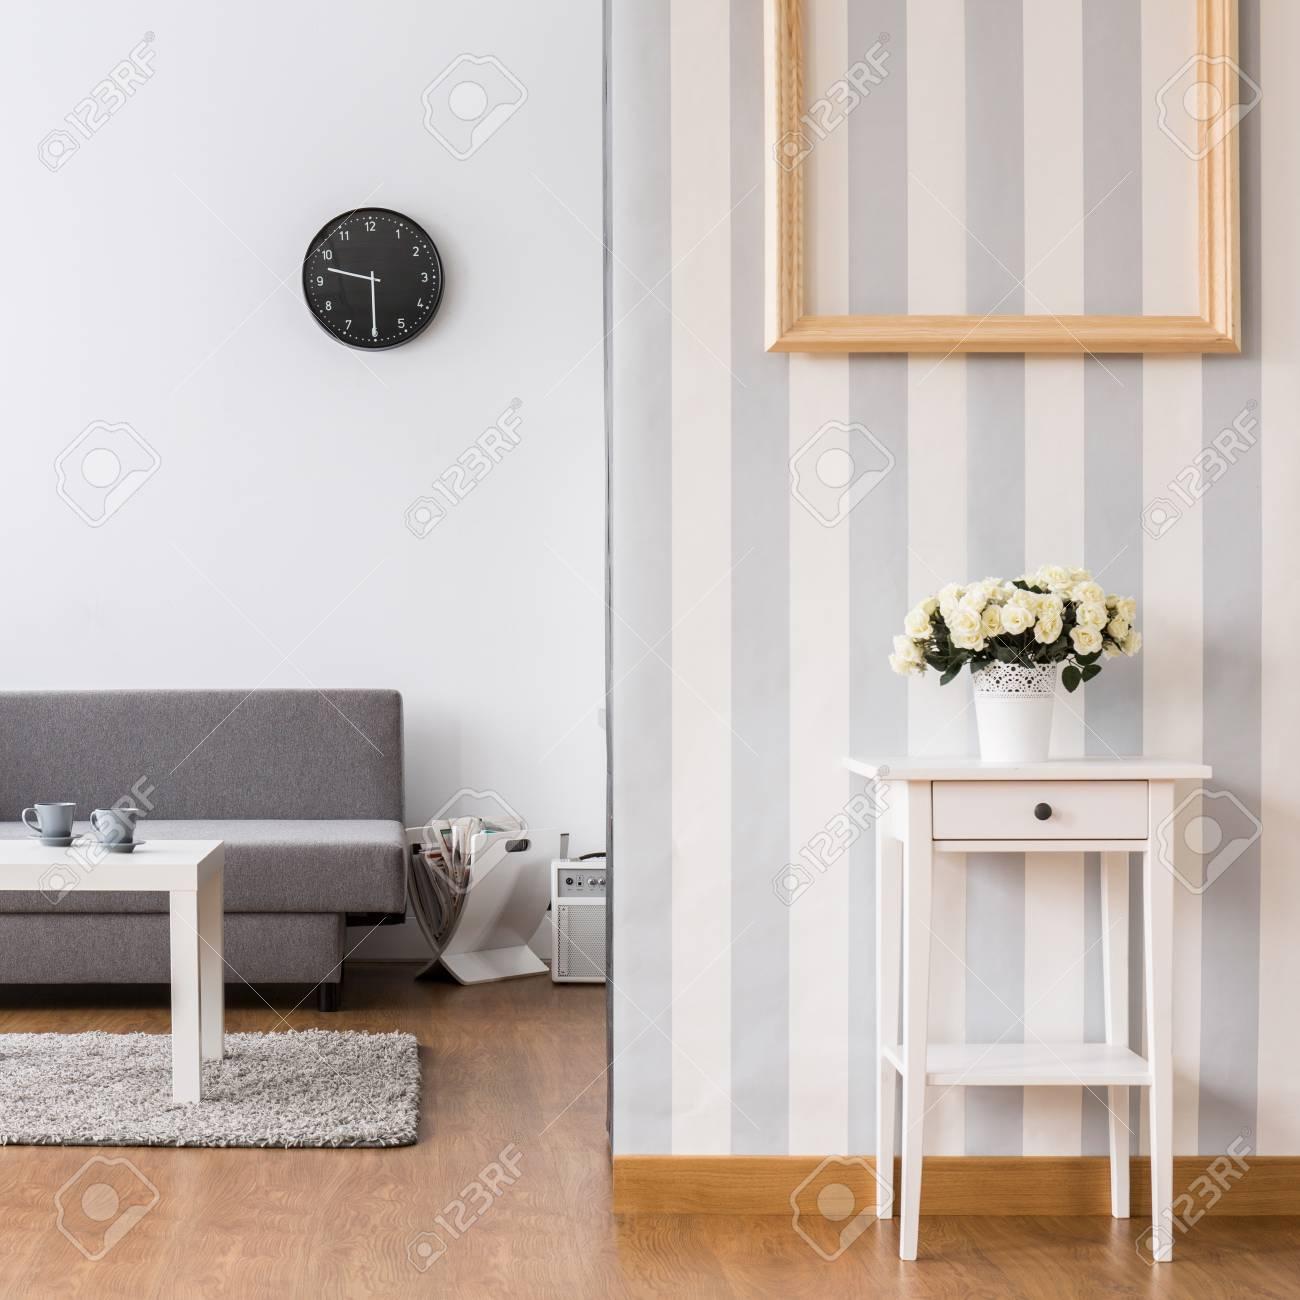 legant salon avec canape gris et petite table basse interieur lumineux avec revetement de sol et papier peint decoratif banque d images et photos libres de droits image 62745718